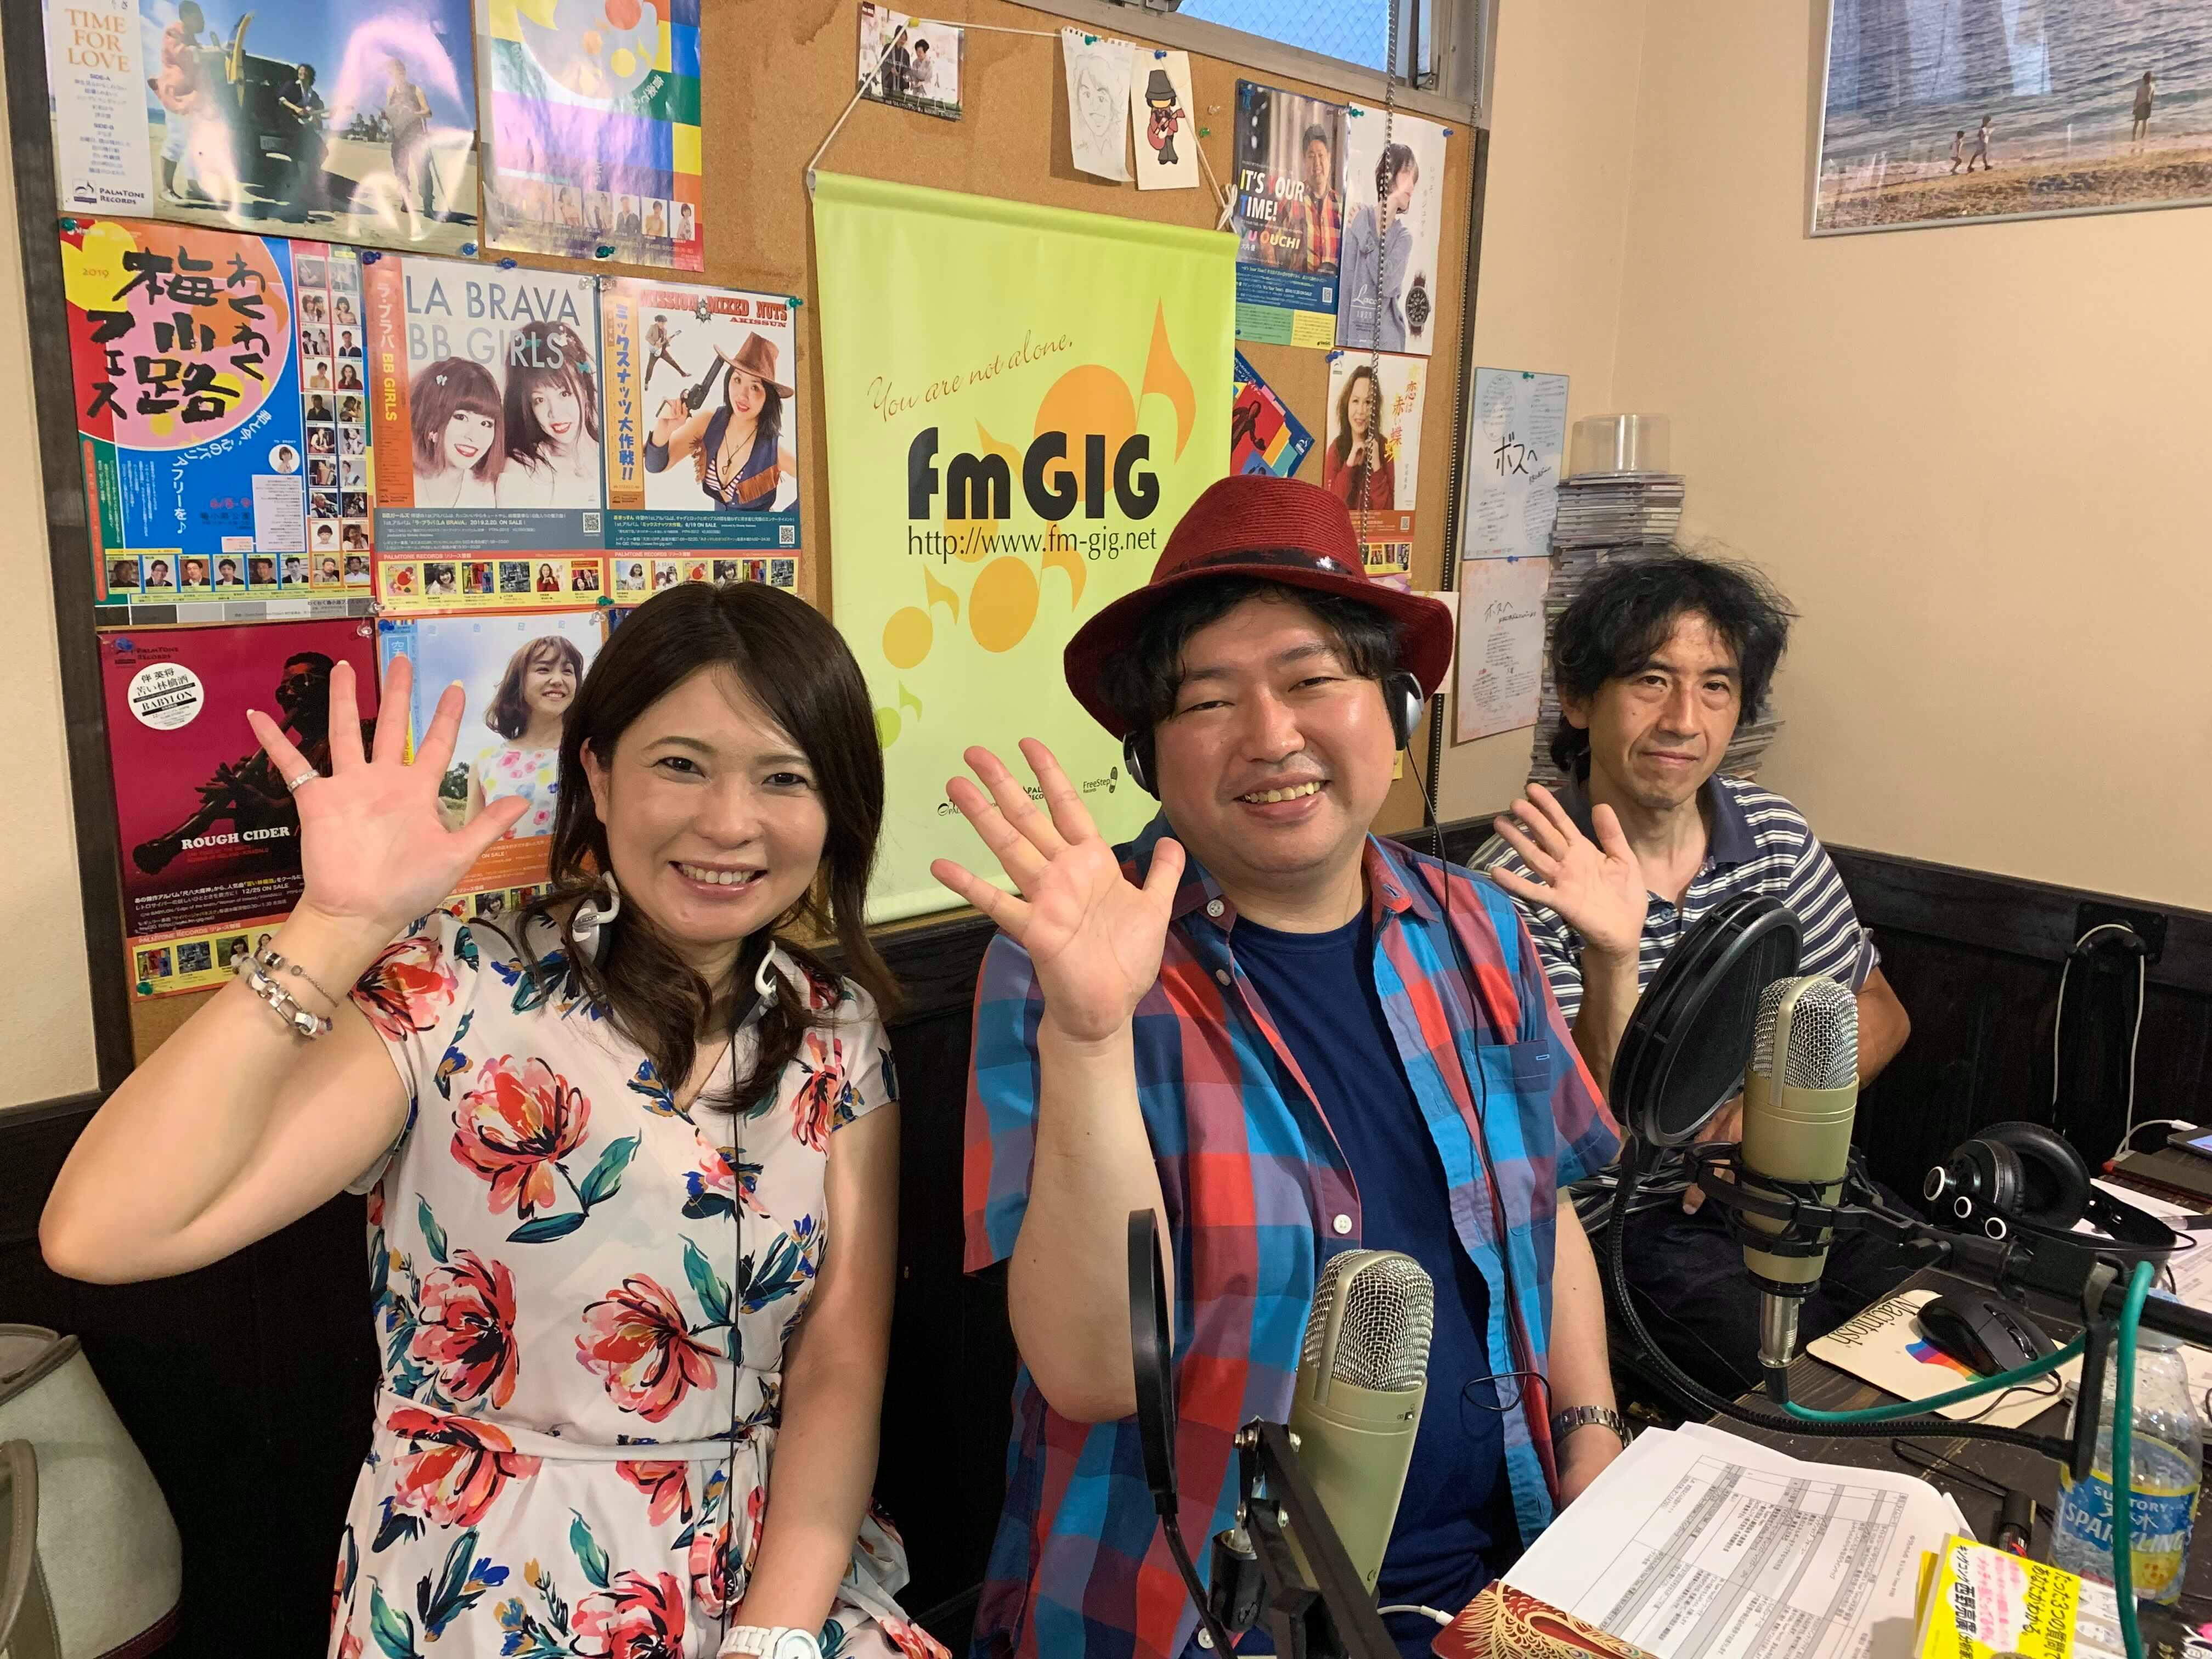 一般社団法人瞬読協会 代表理事 山中恵美子さん